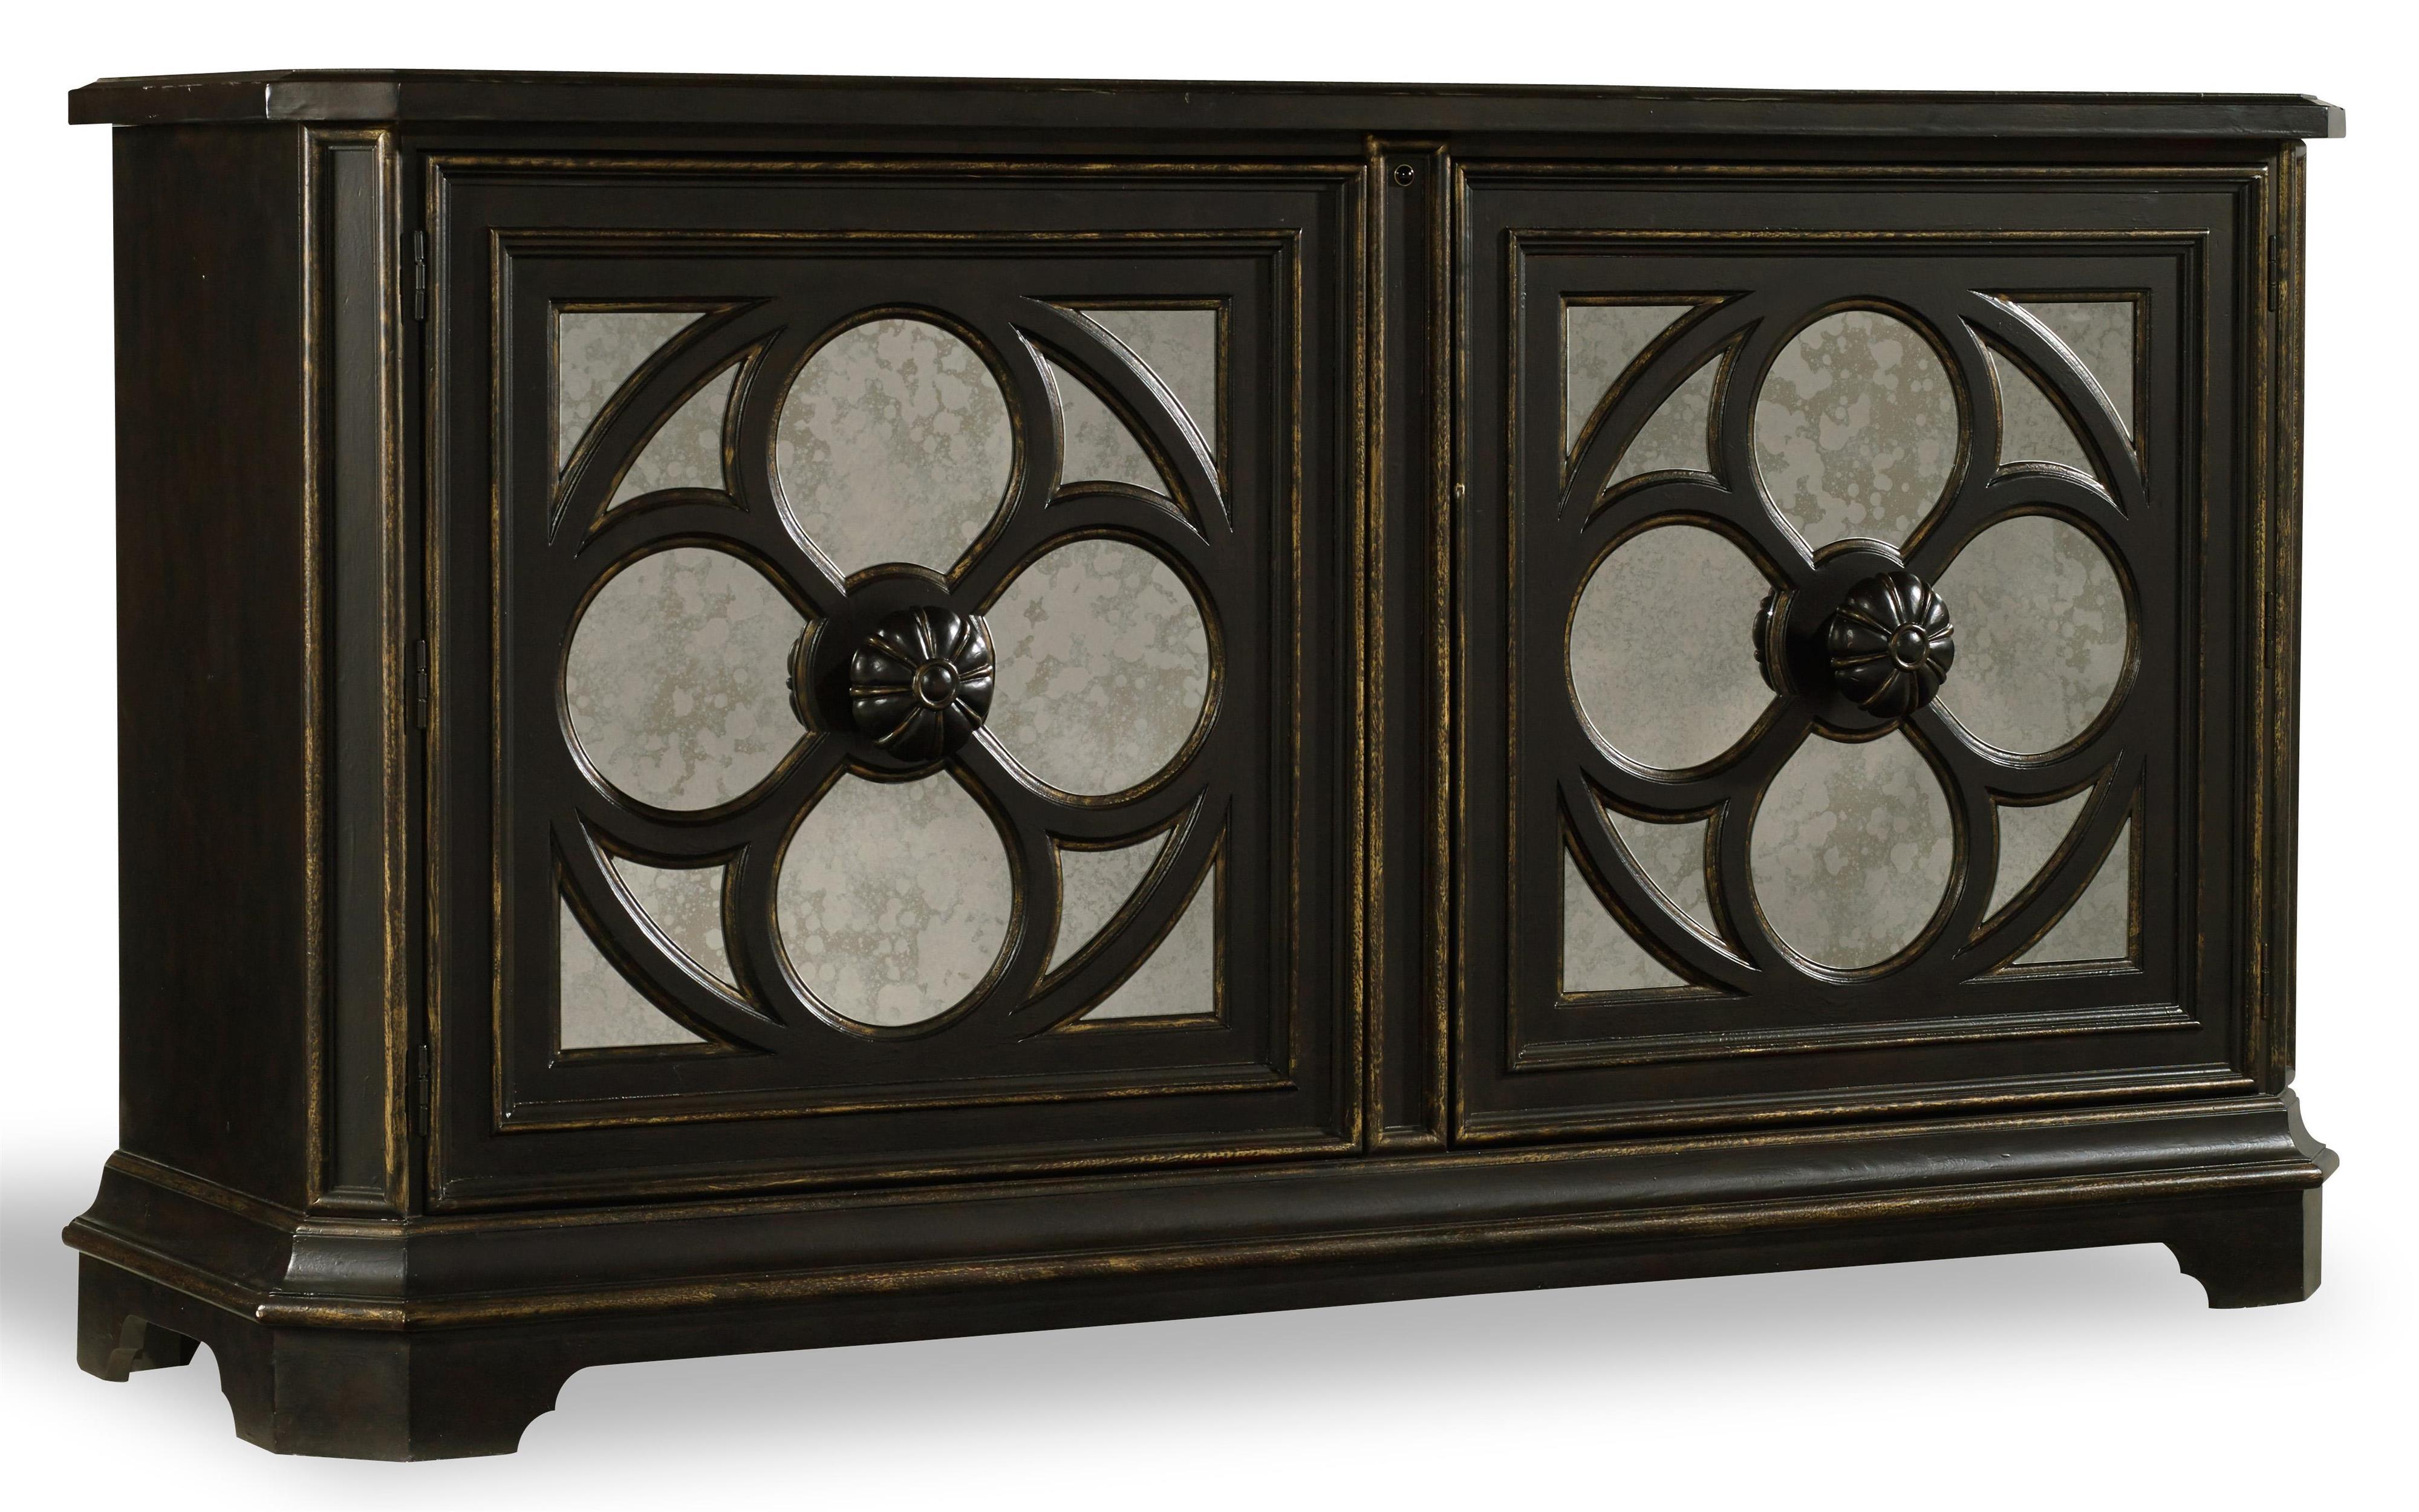 Hooker Furniture Living Room Accents Large Quatrefoil Chest - Item Number: 5420-85002